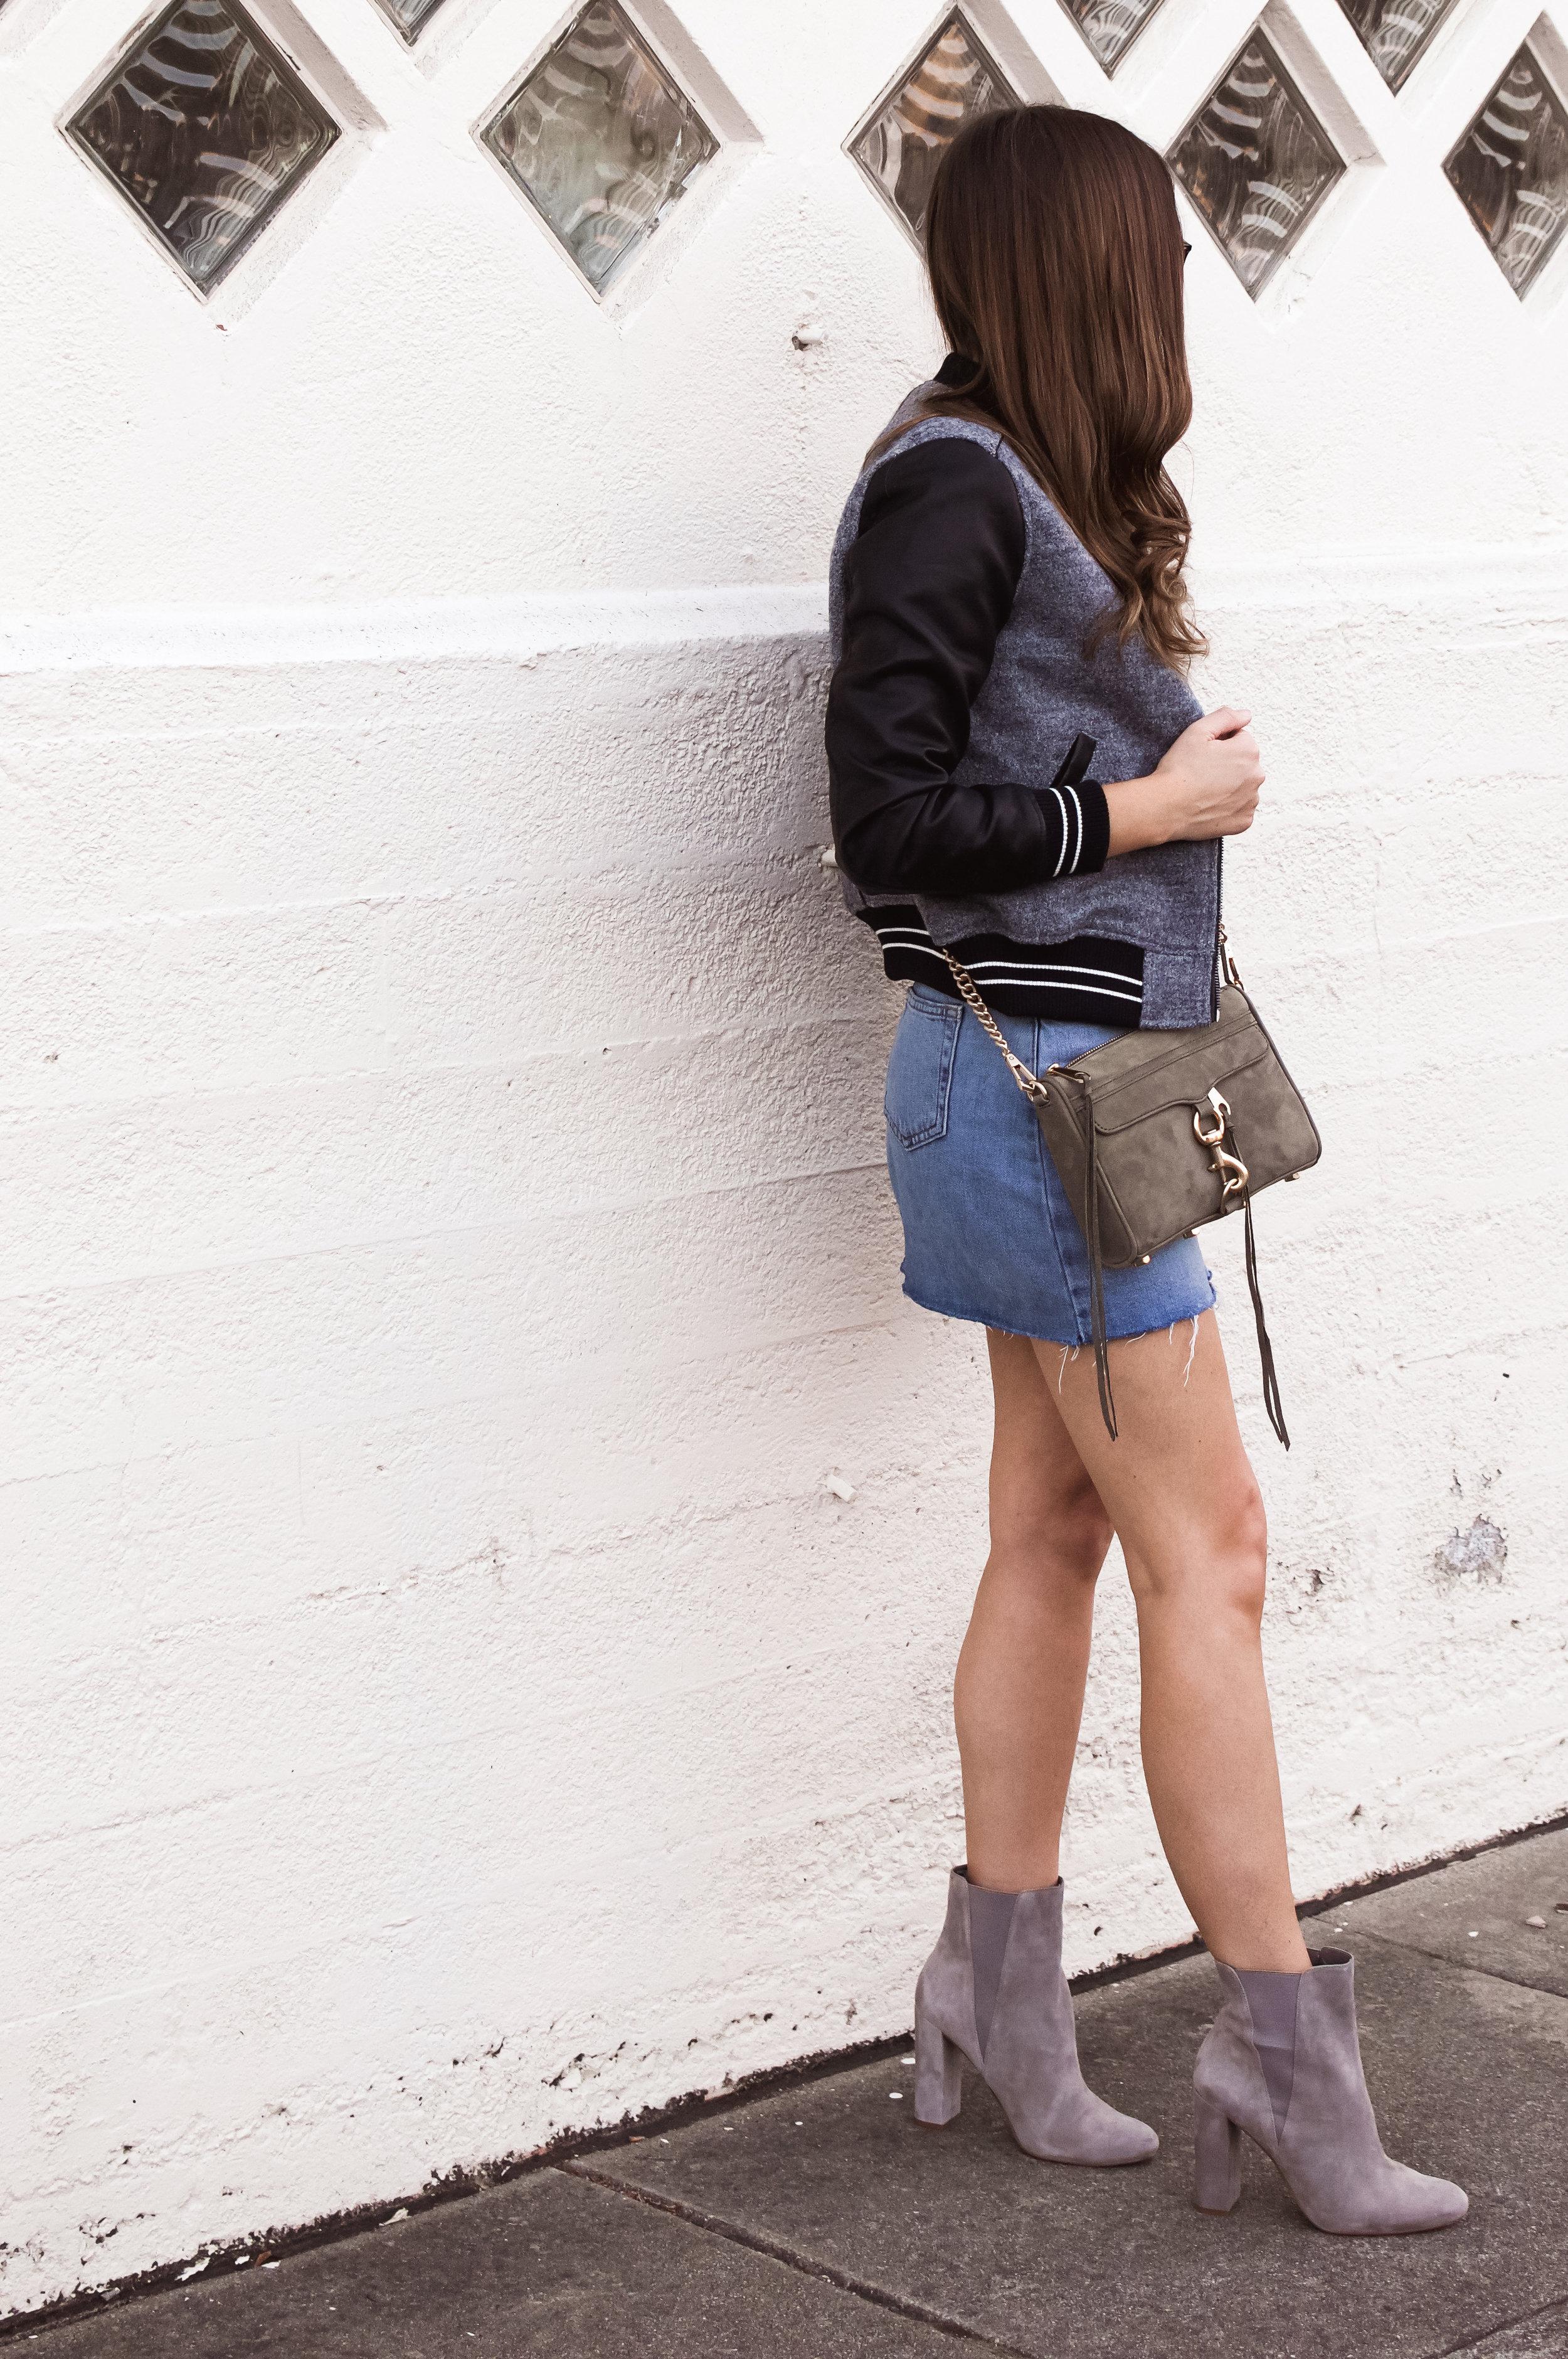 denim skirt and bomber jacket